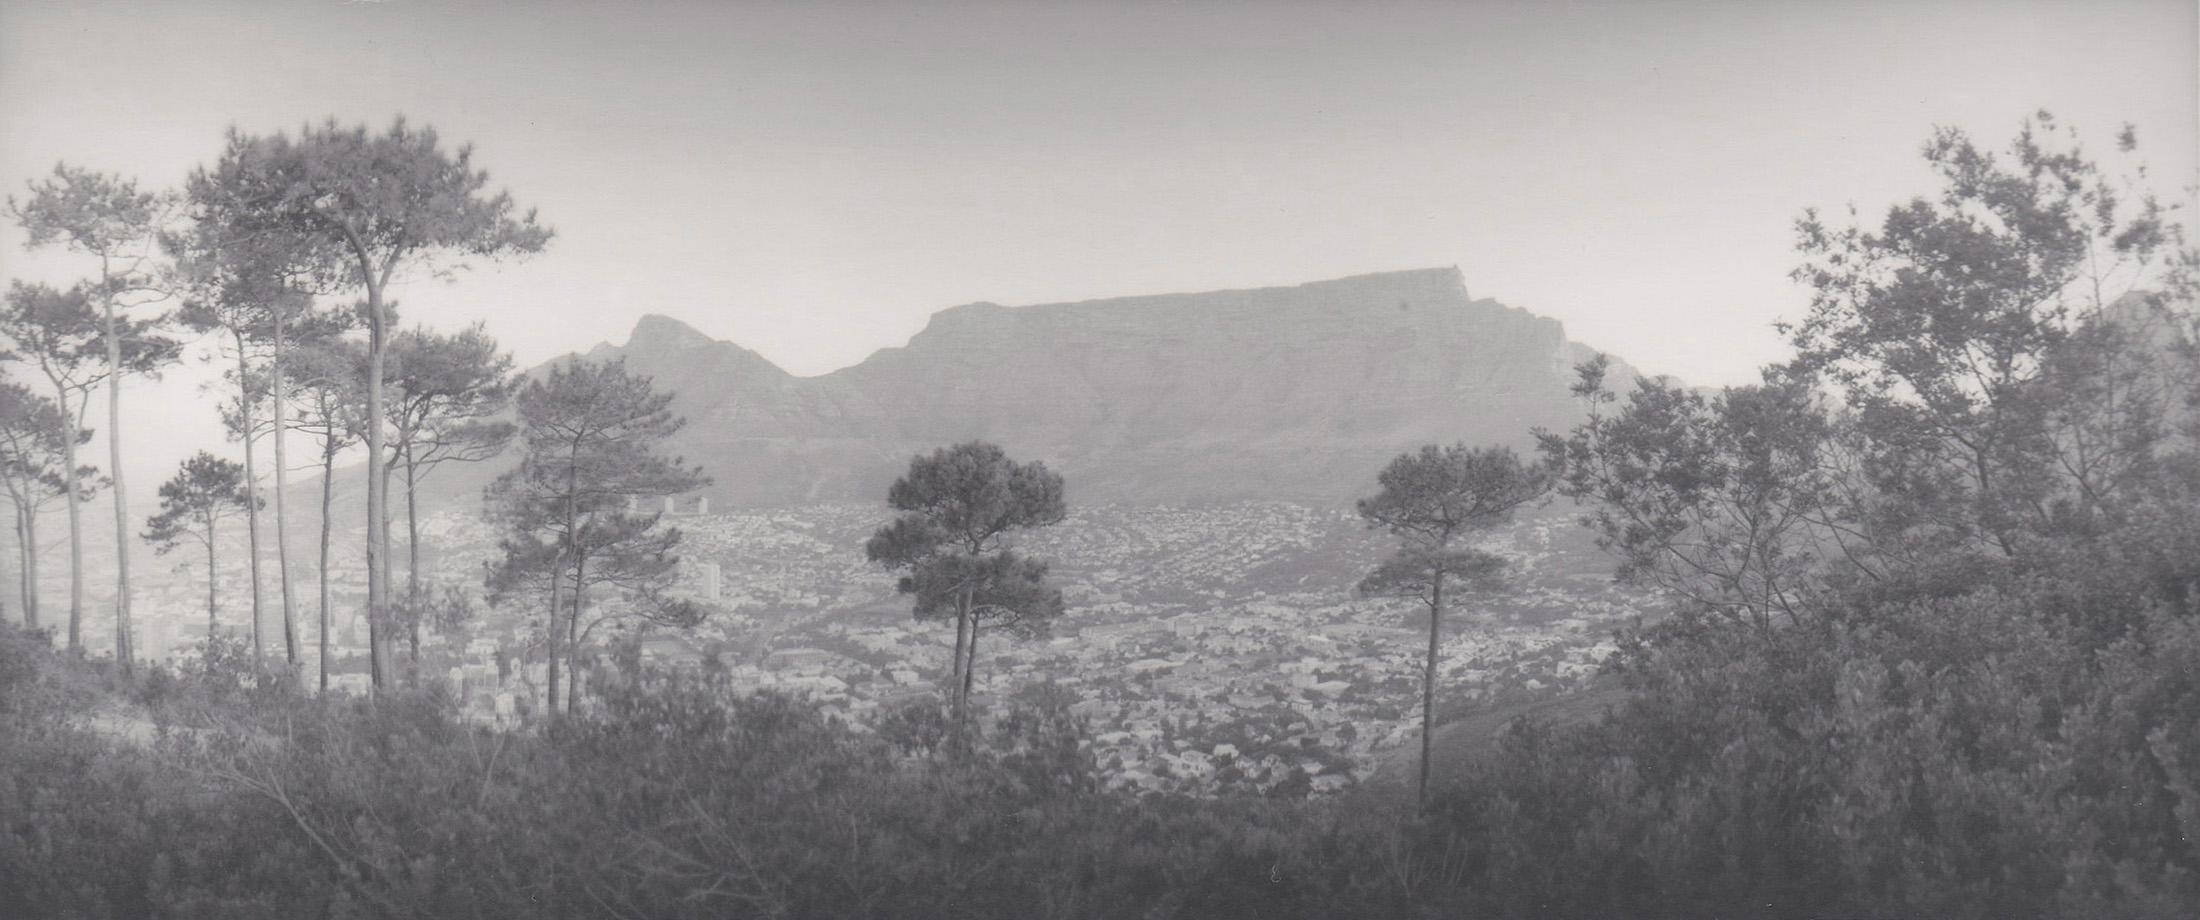 1302-silkelauffs-capetown_southafrica